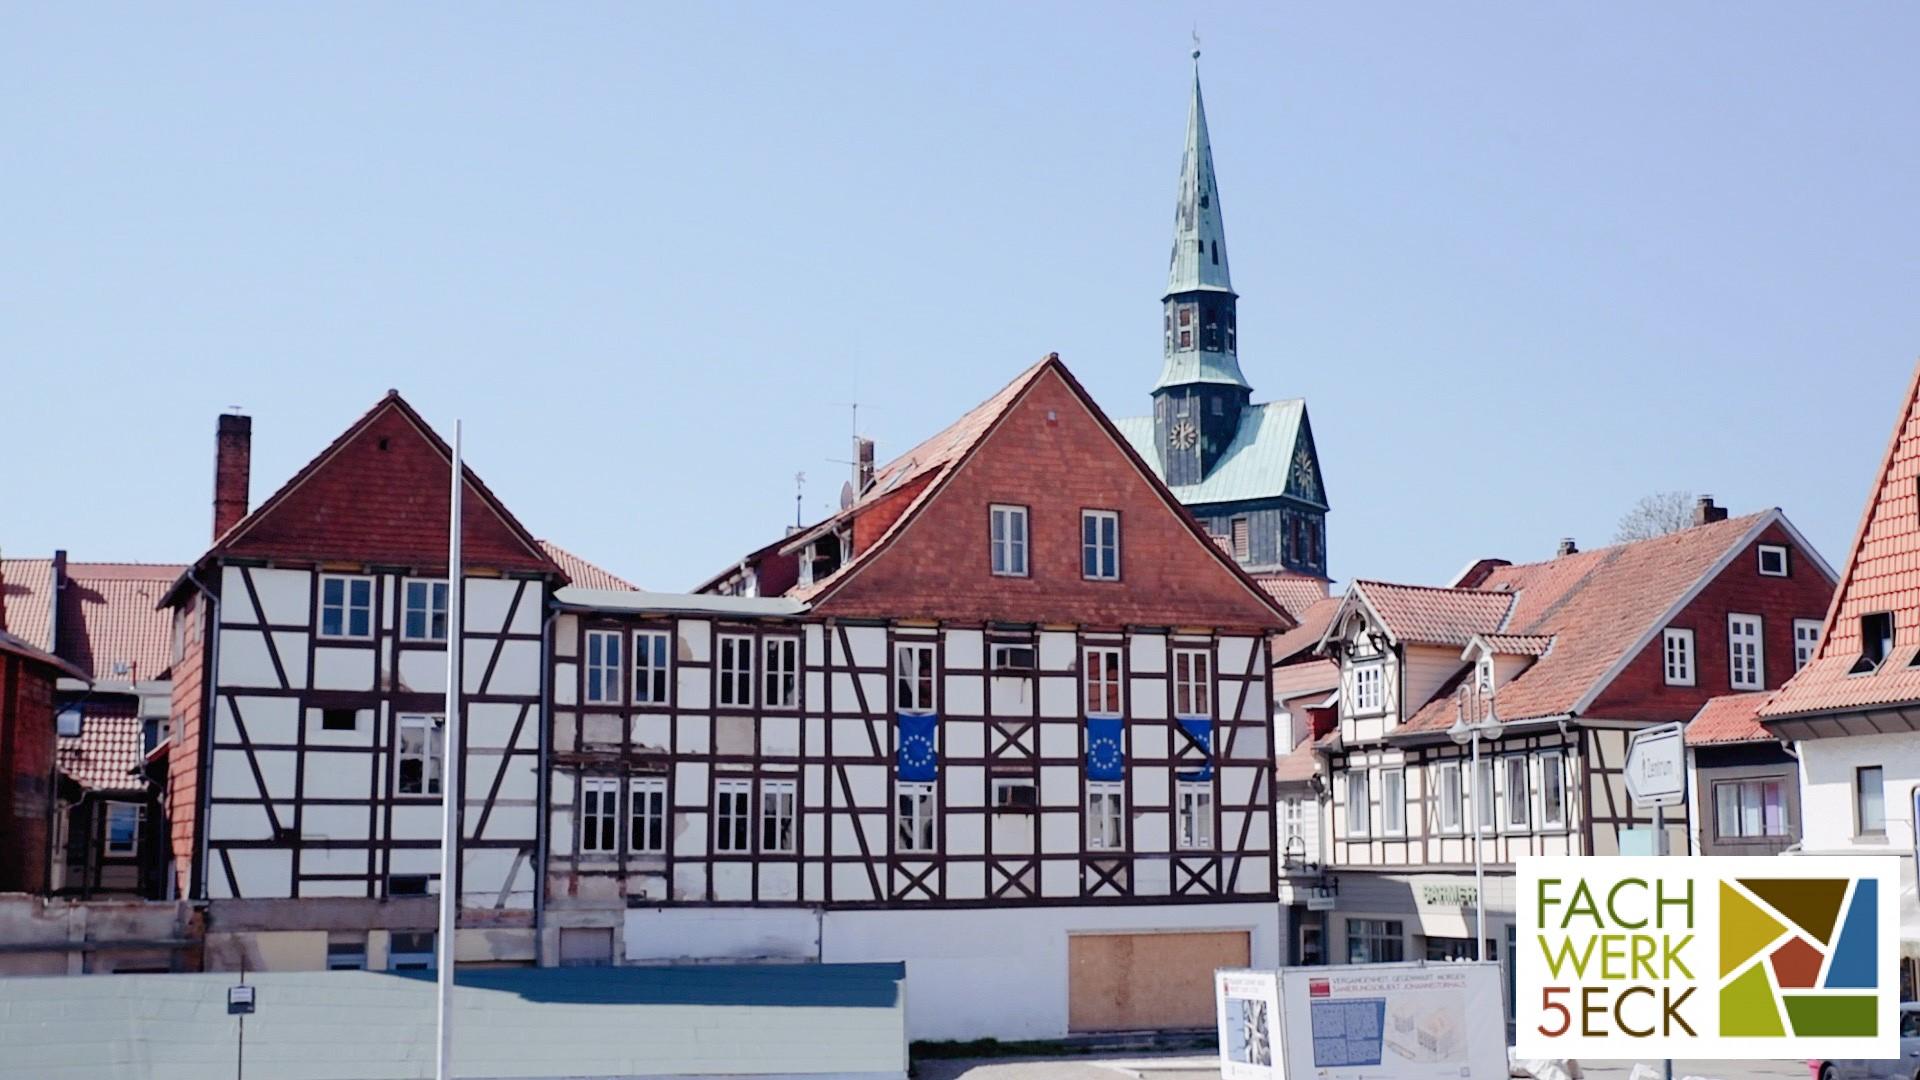 Das Johannistorhaus in Osterode am Harz